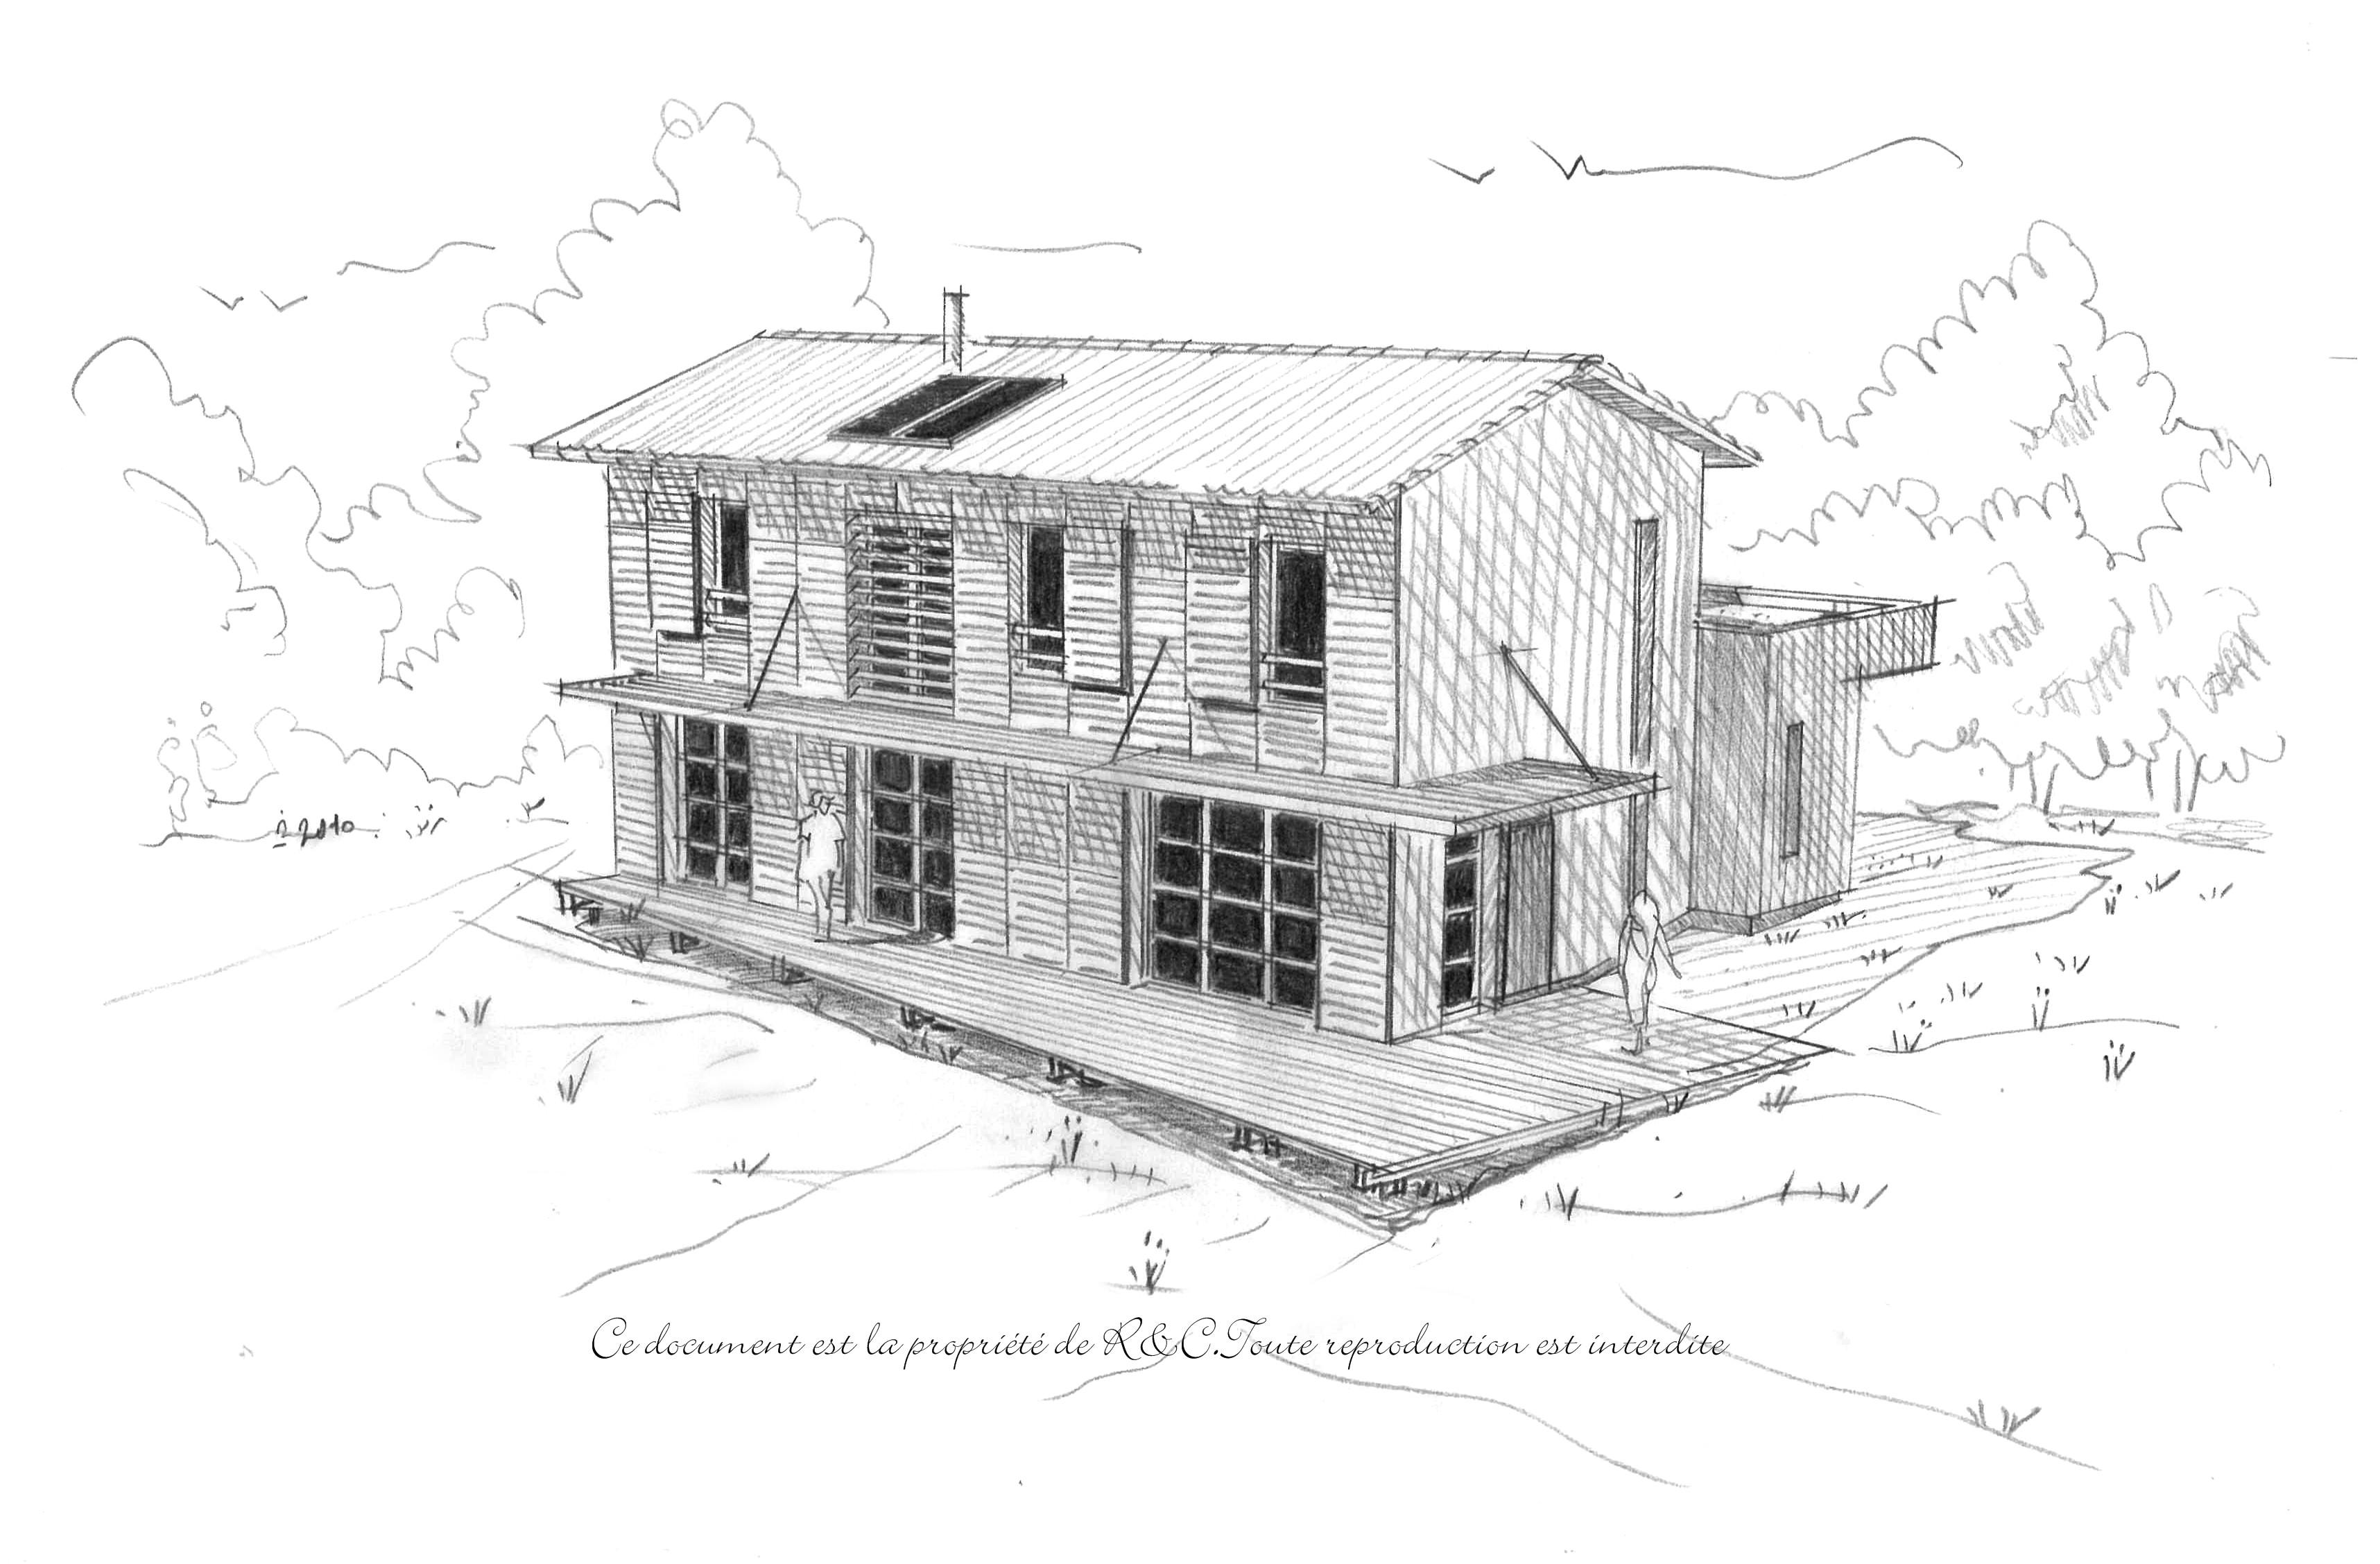 Esquiss t d finition exemple et image - Architecture bioclimatique definition ...